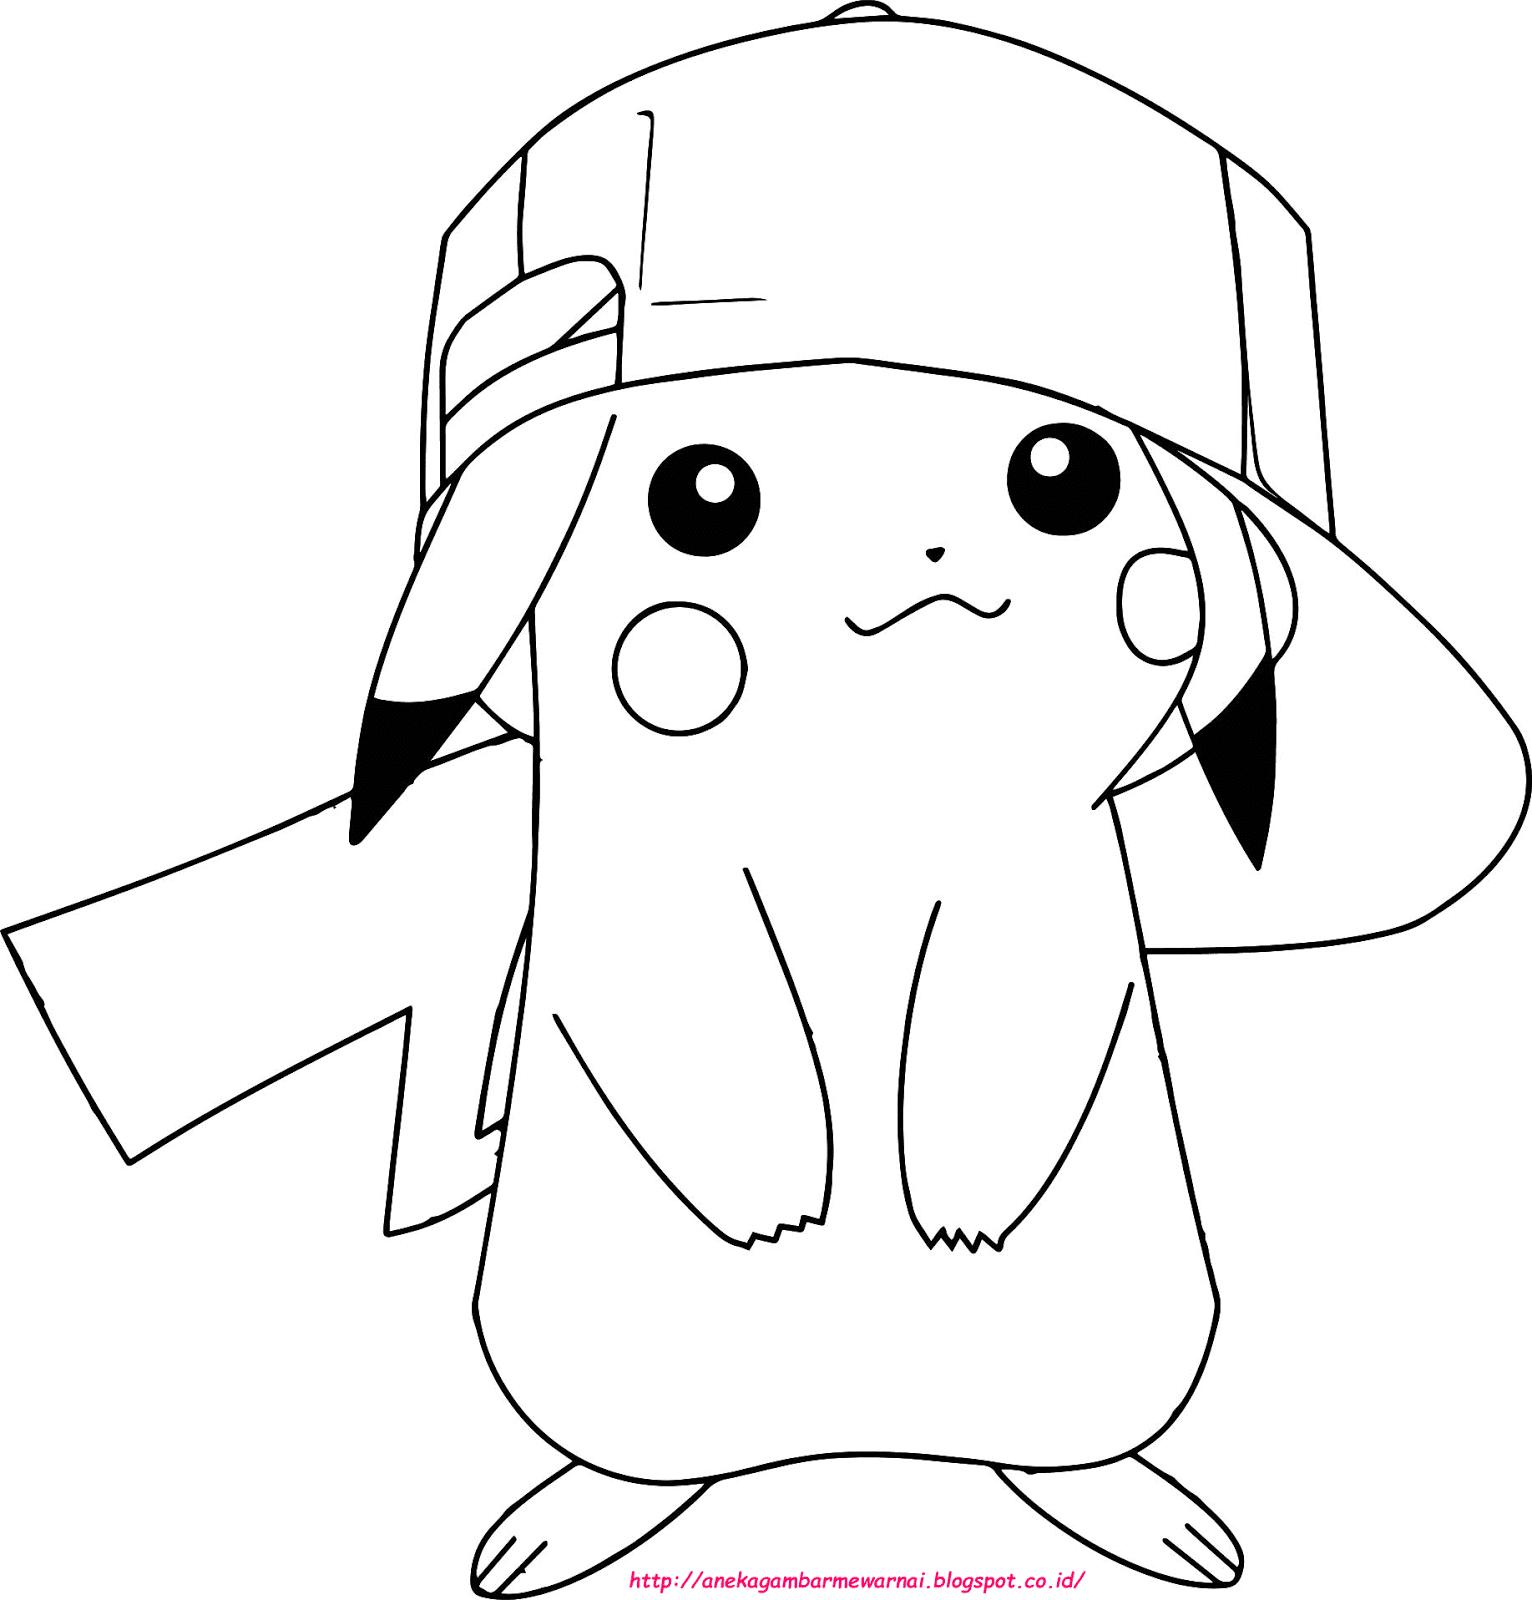 Bel jar 5 Gambar Mewarnai Pokemon Untuk Anak PAUD dan TK